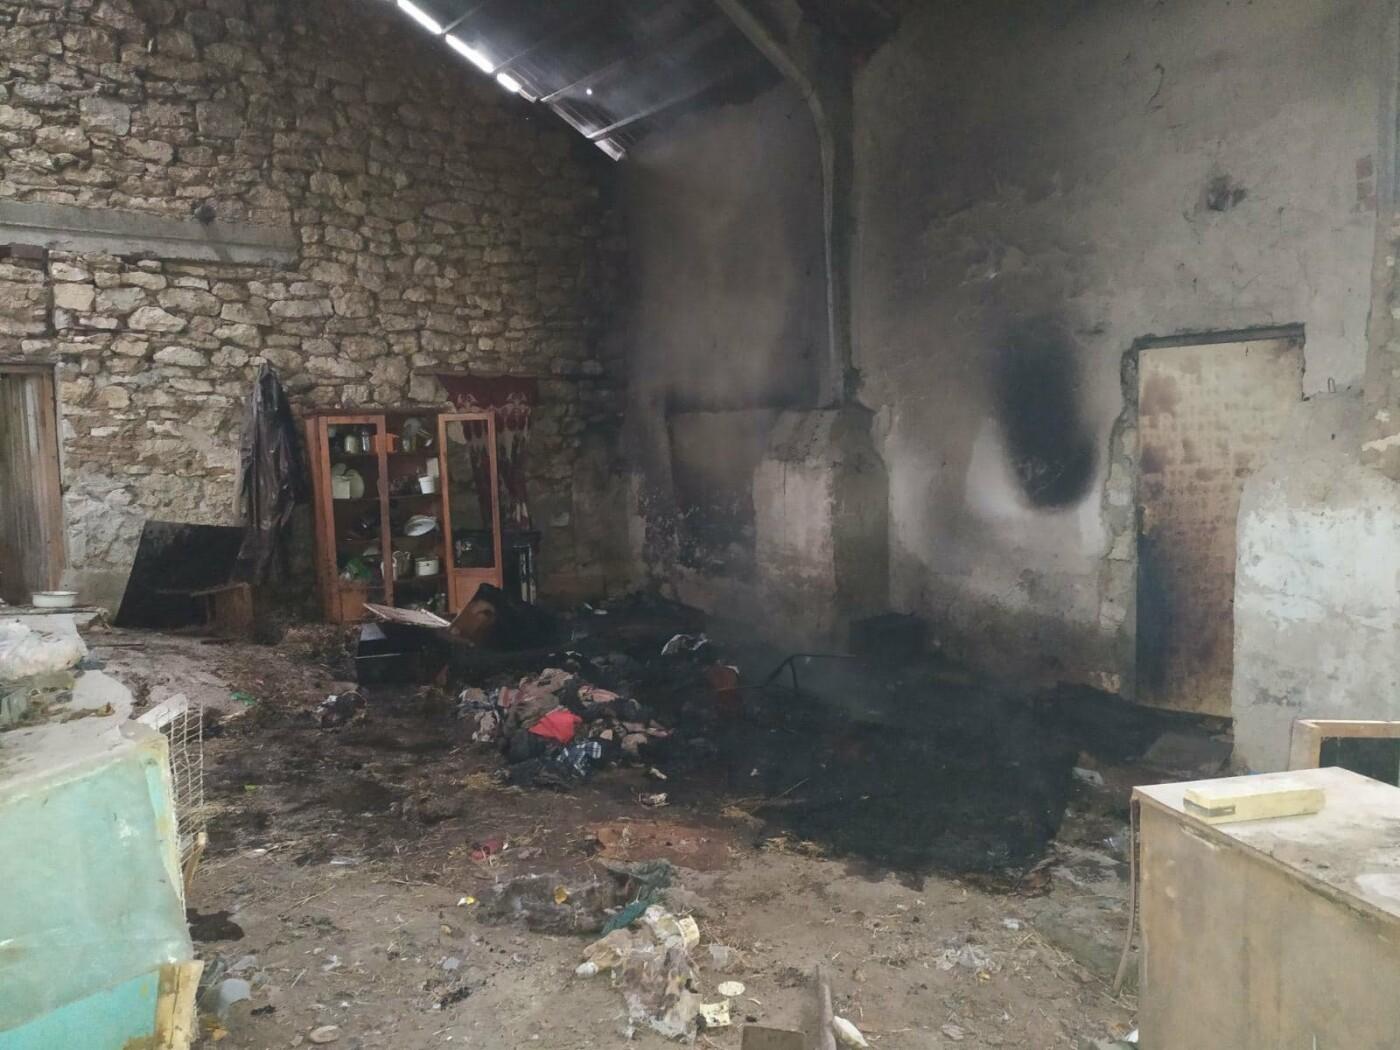 На Николаевщине загорелся мусор - вероятно из-за неосторожного обращения с огнем, фото-1